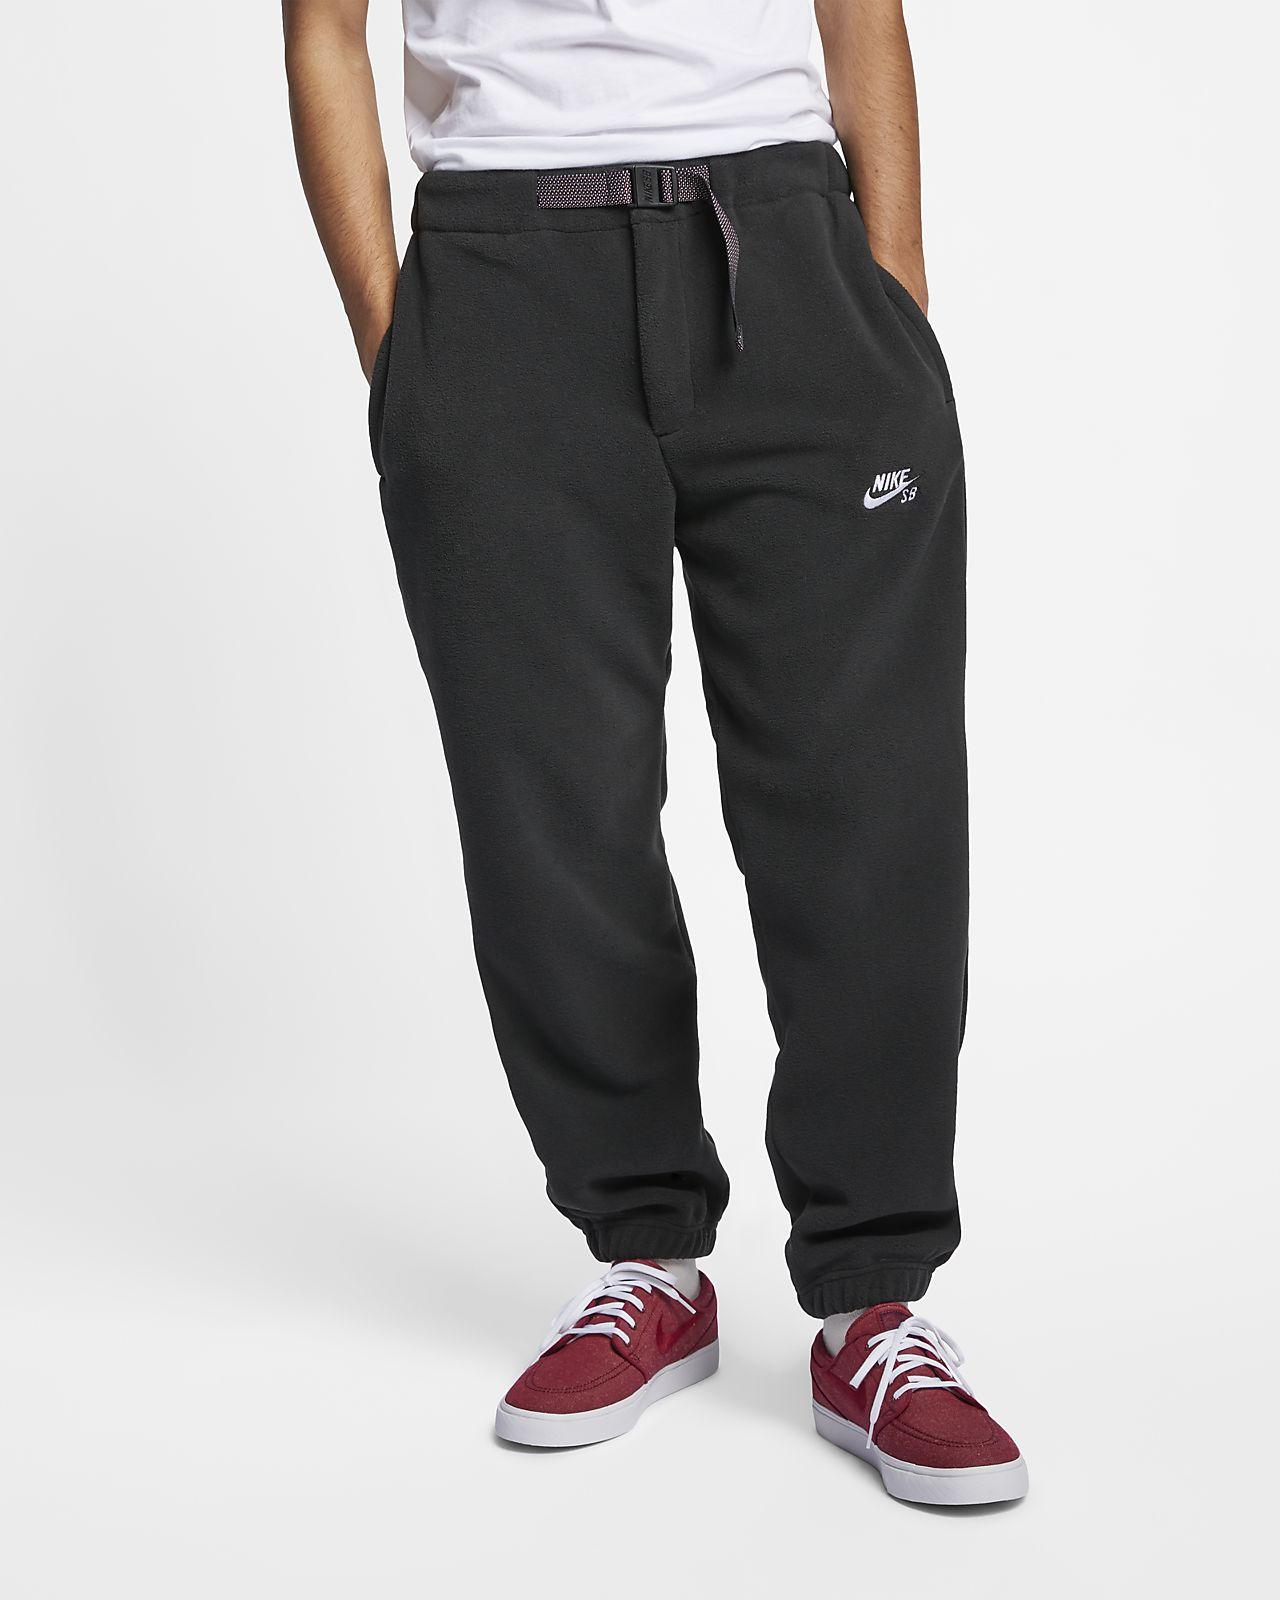 Nike SB Pantalón de skateboard - Hombre. Nike.com ES 1ccc88edbfb51